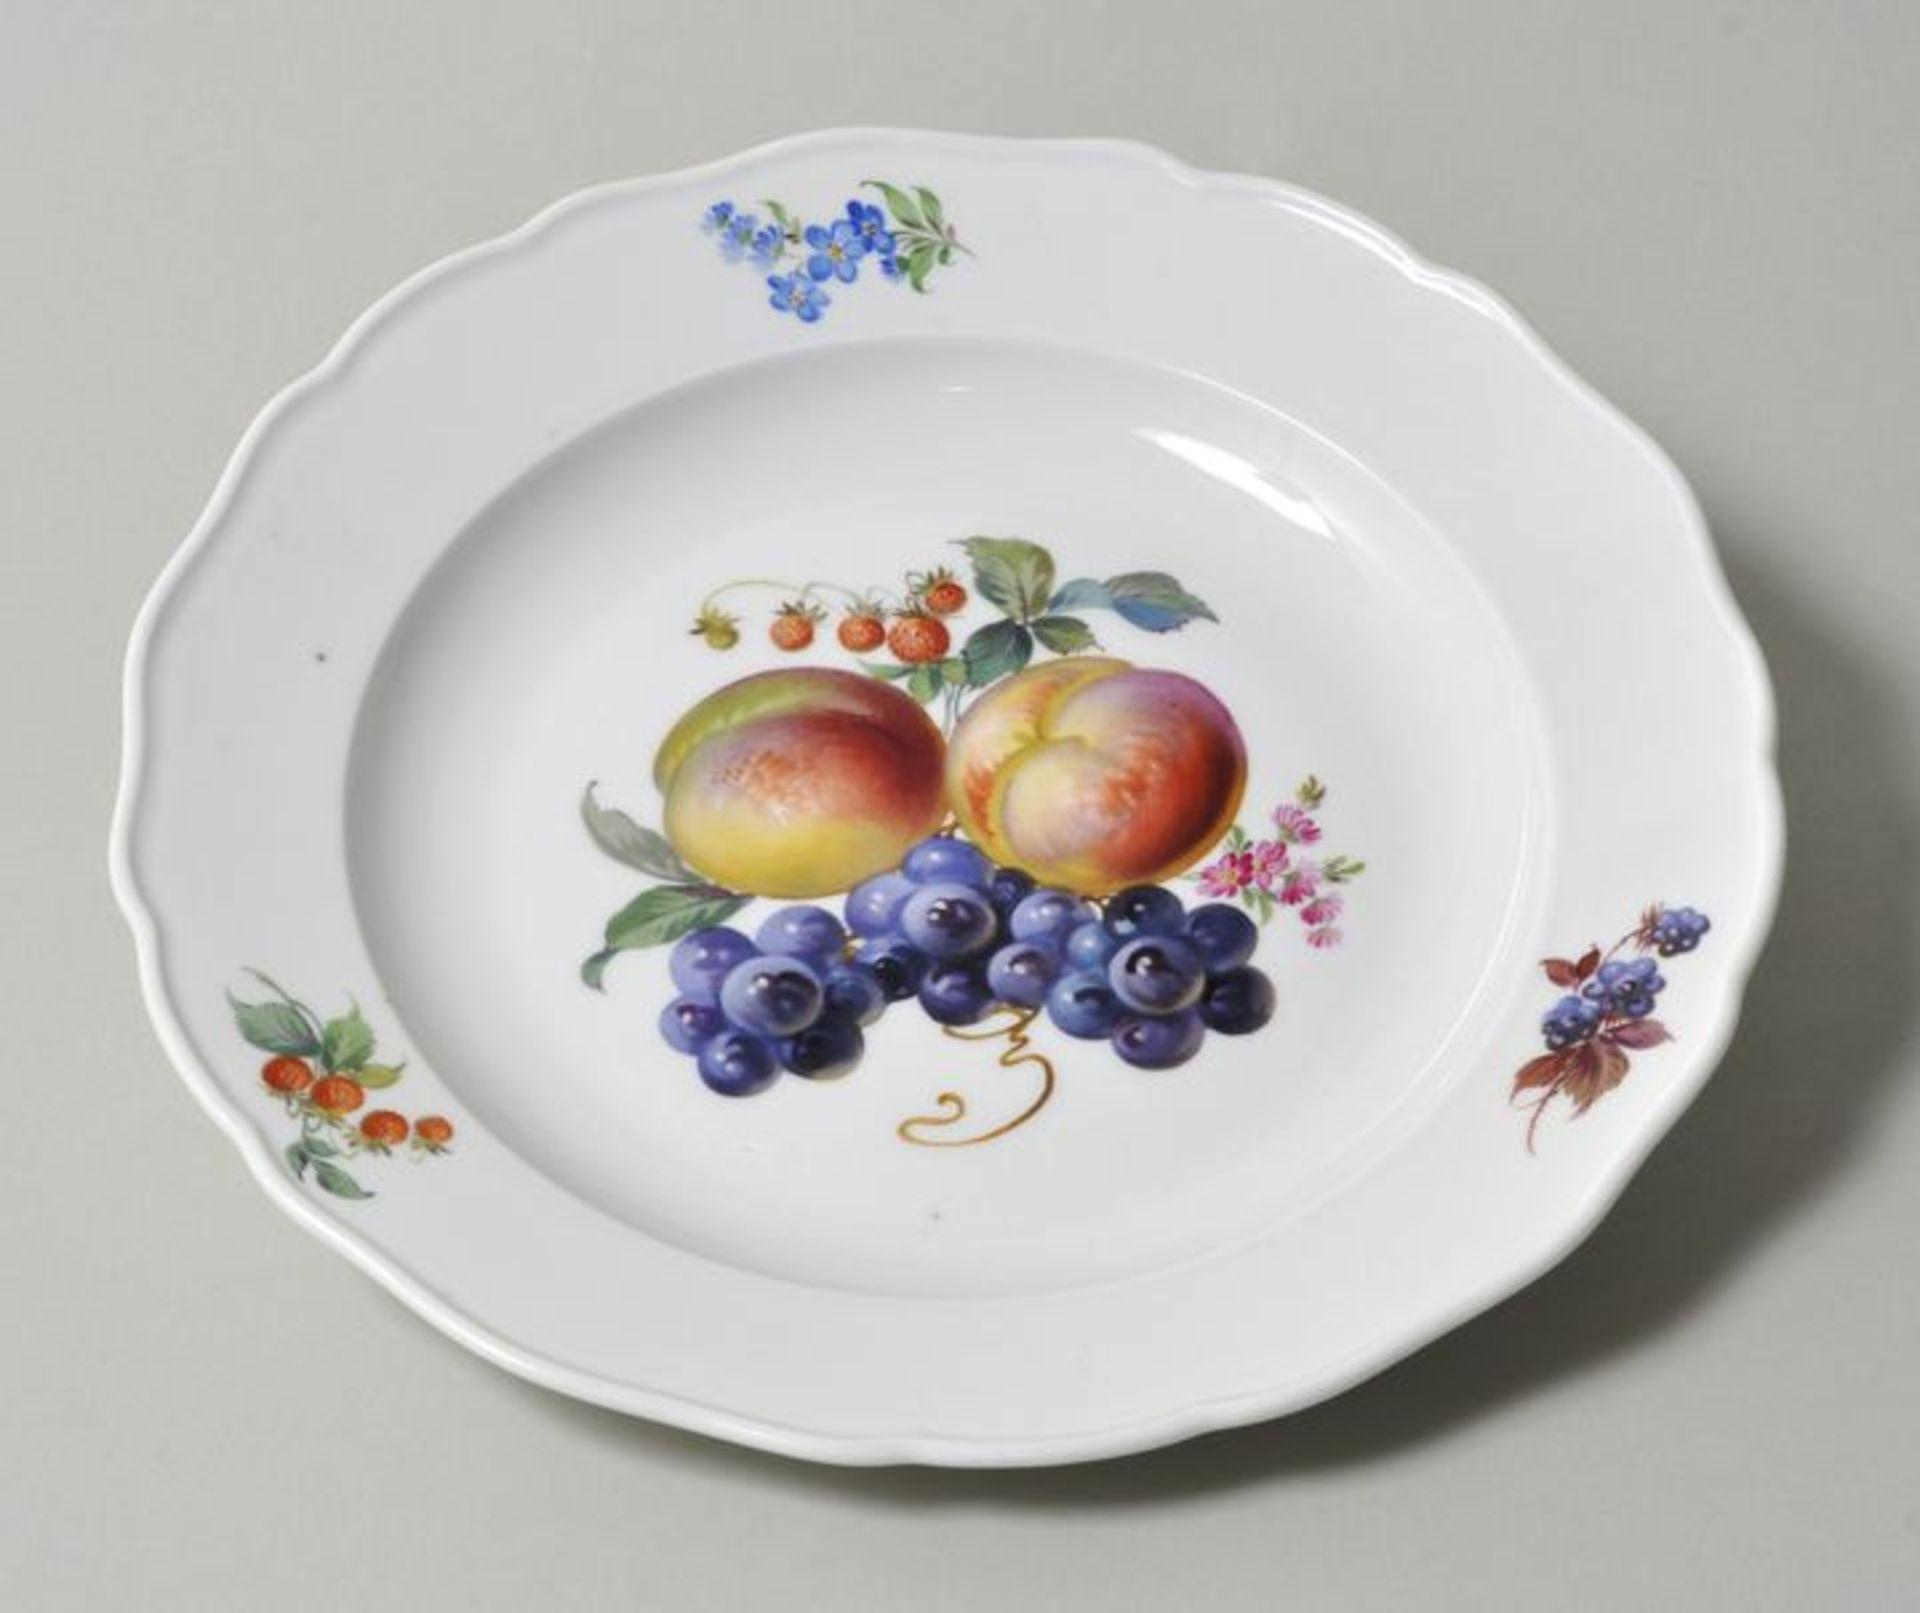 Los 32 - Teller, Meissen, 1. H. 20. Jh.Porzellan, Neuer Ausschnitt, polychrome Fruchtmalerei....